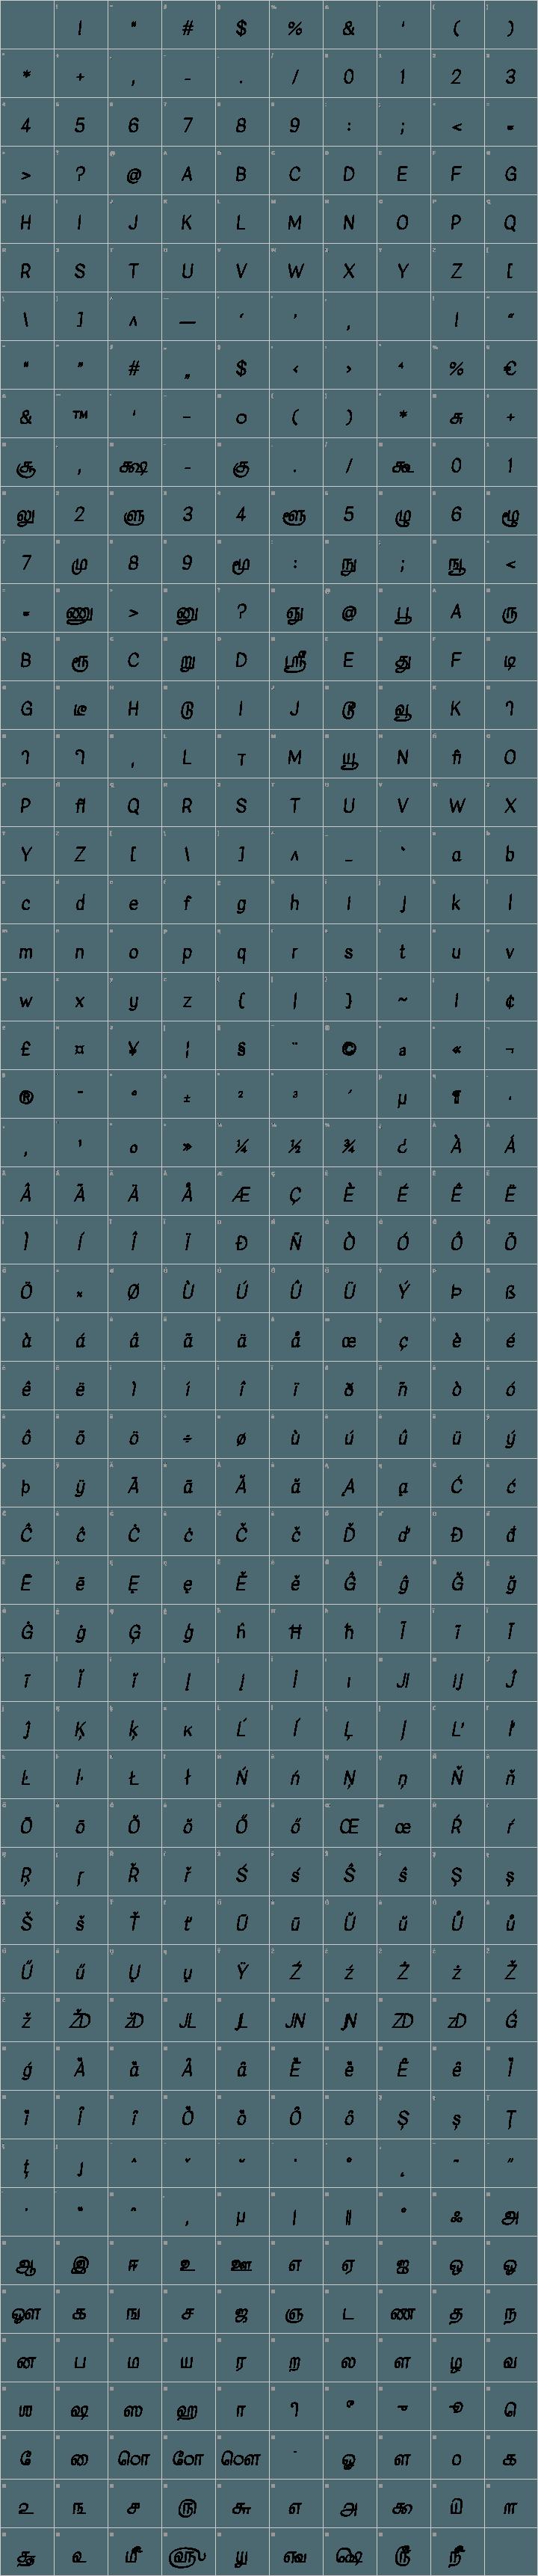 Kavivanar Font Free by Tharique Azeez » Font Squirrel